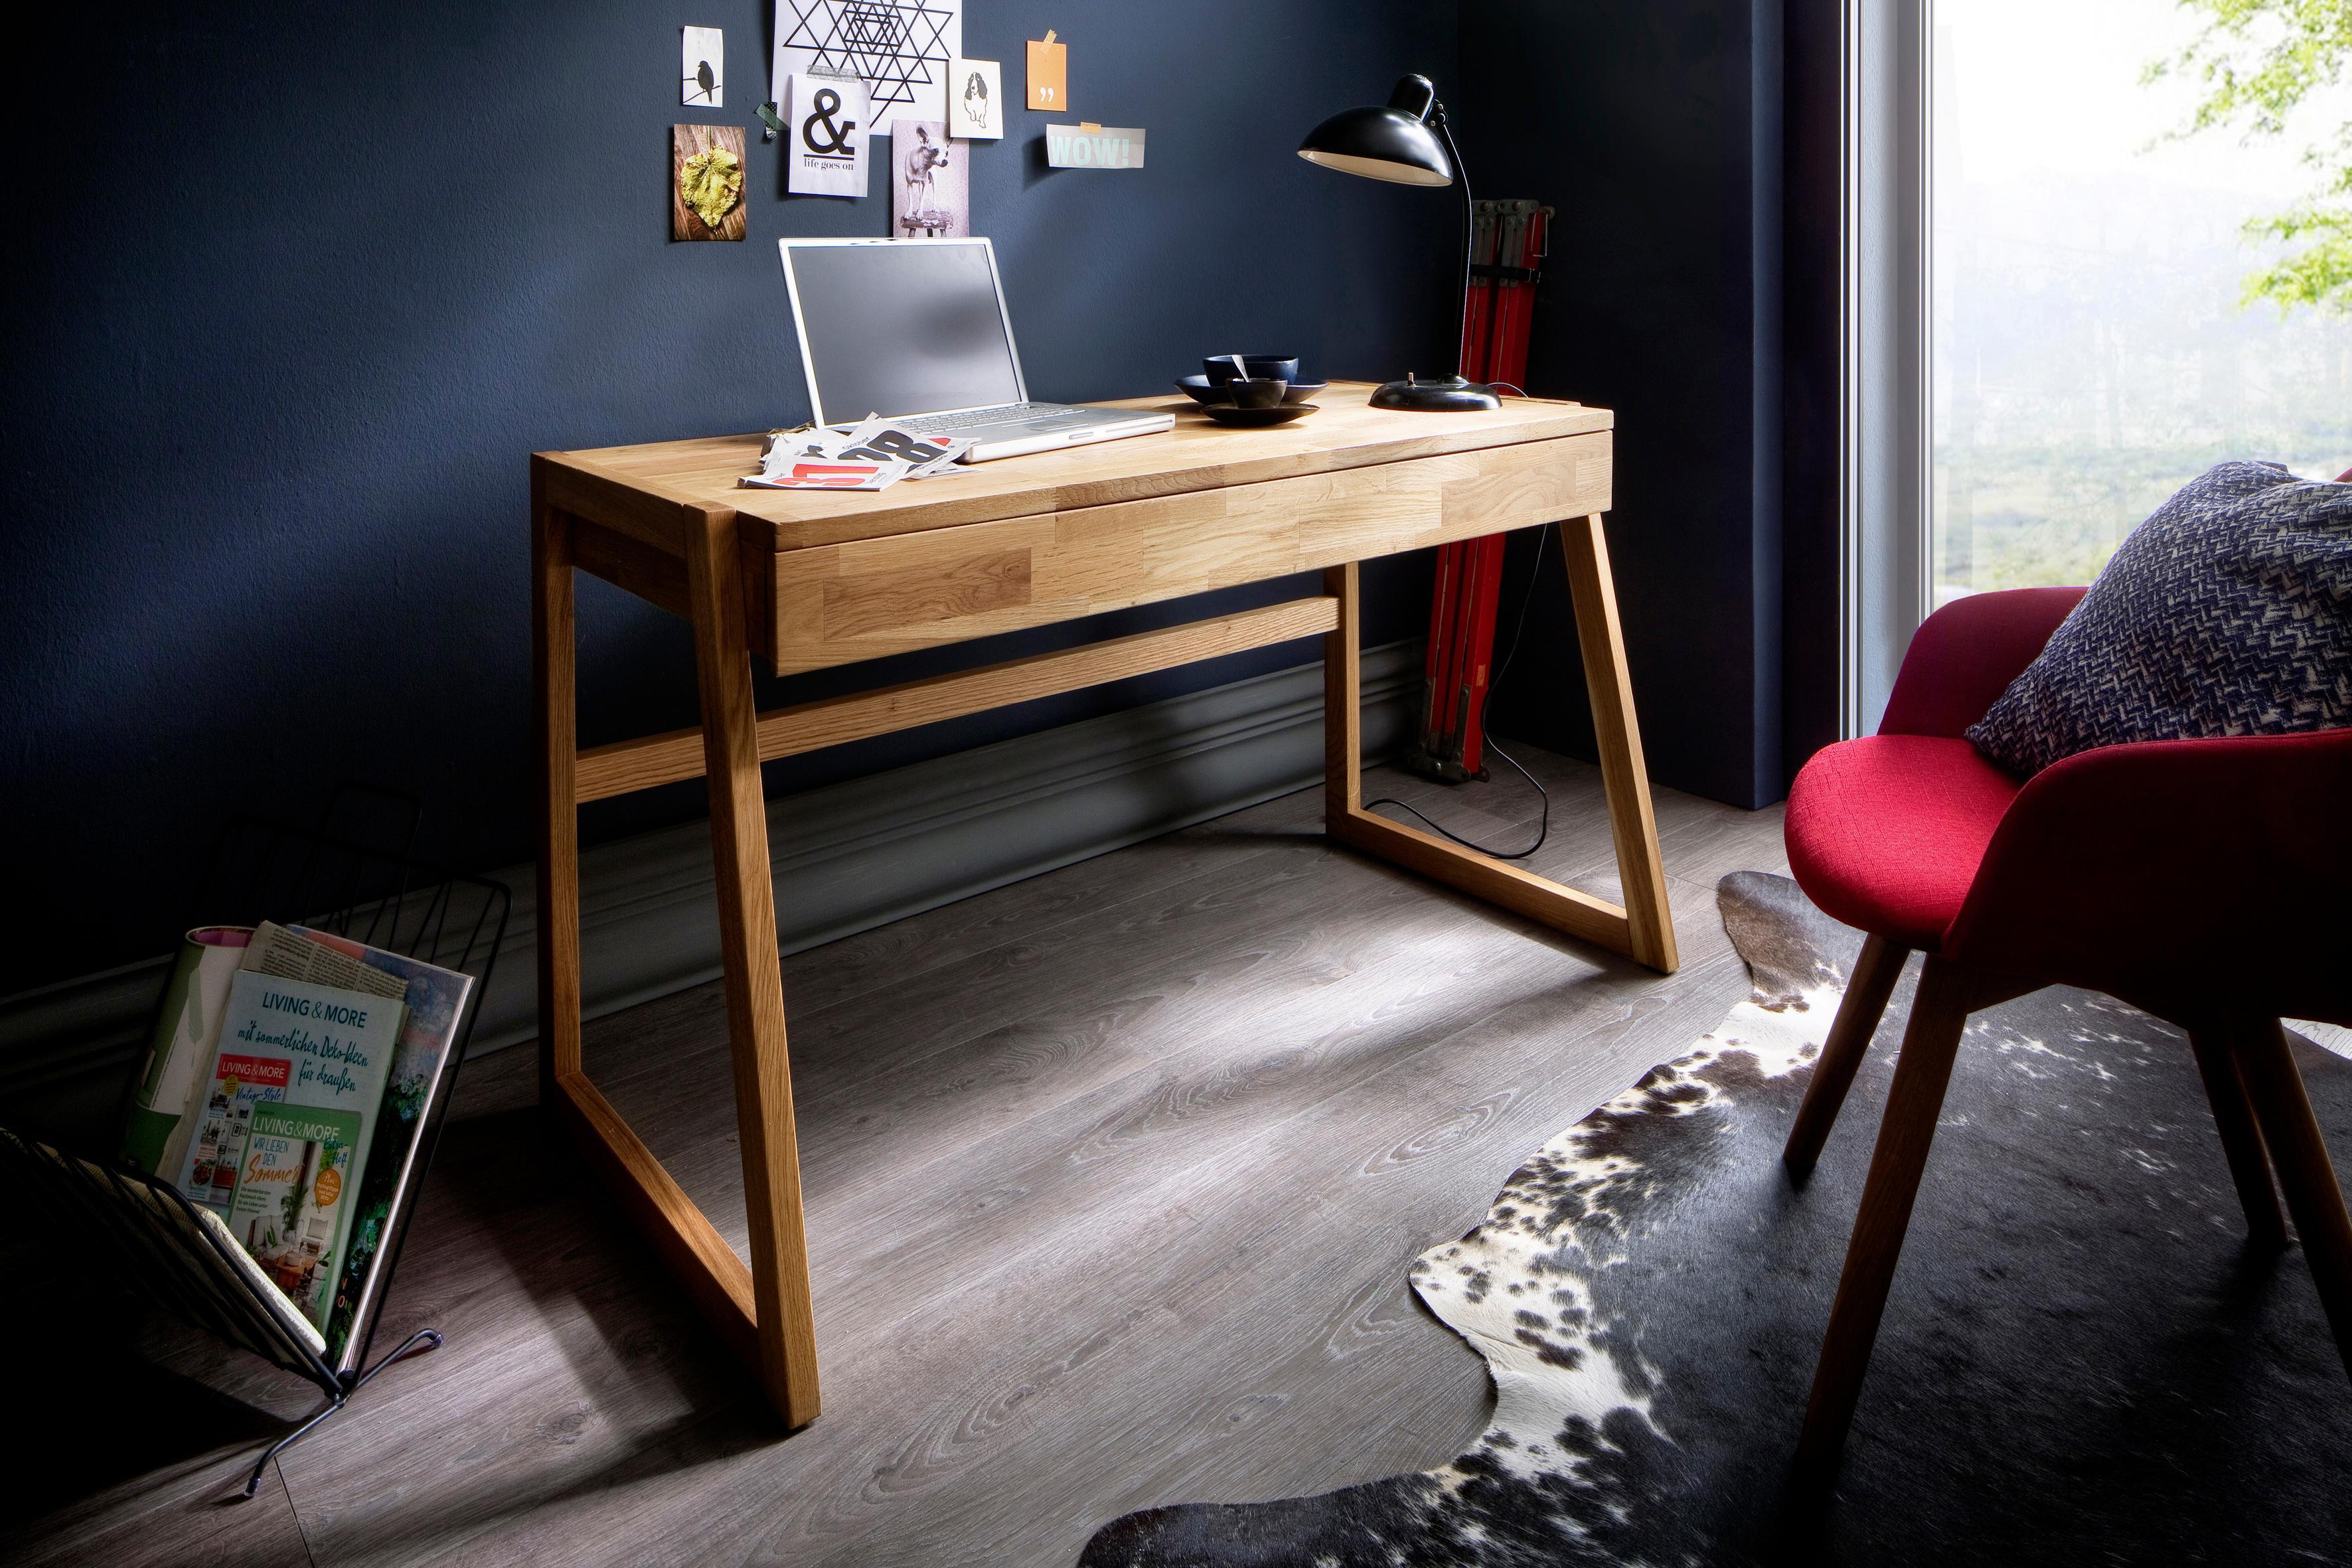 Home affaire Schreibtisch Dura aus Massivholz mit Soft-Close Funktion der Schubladen